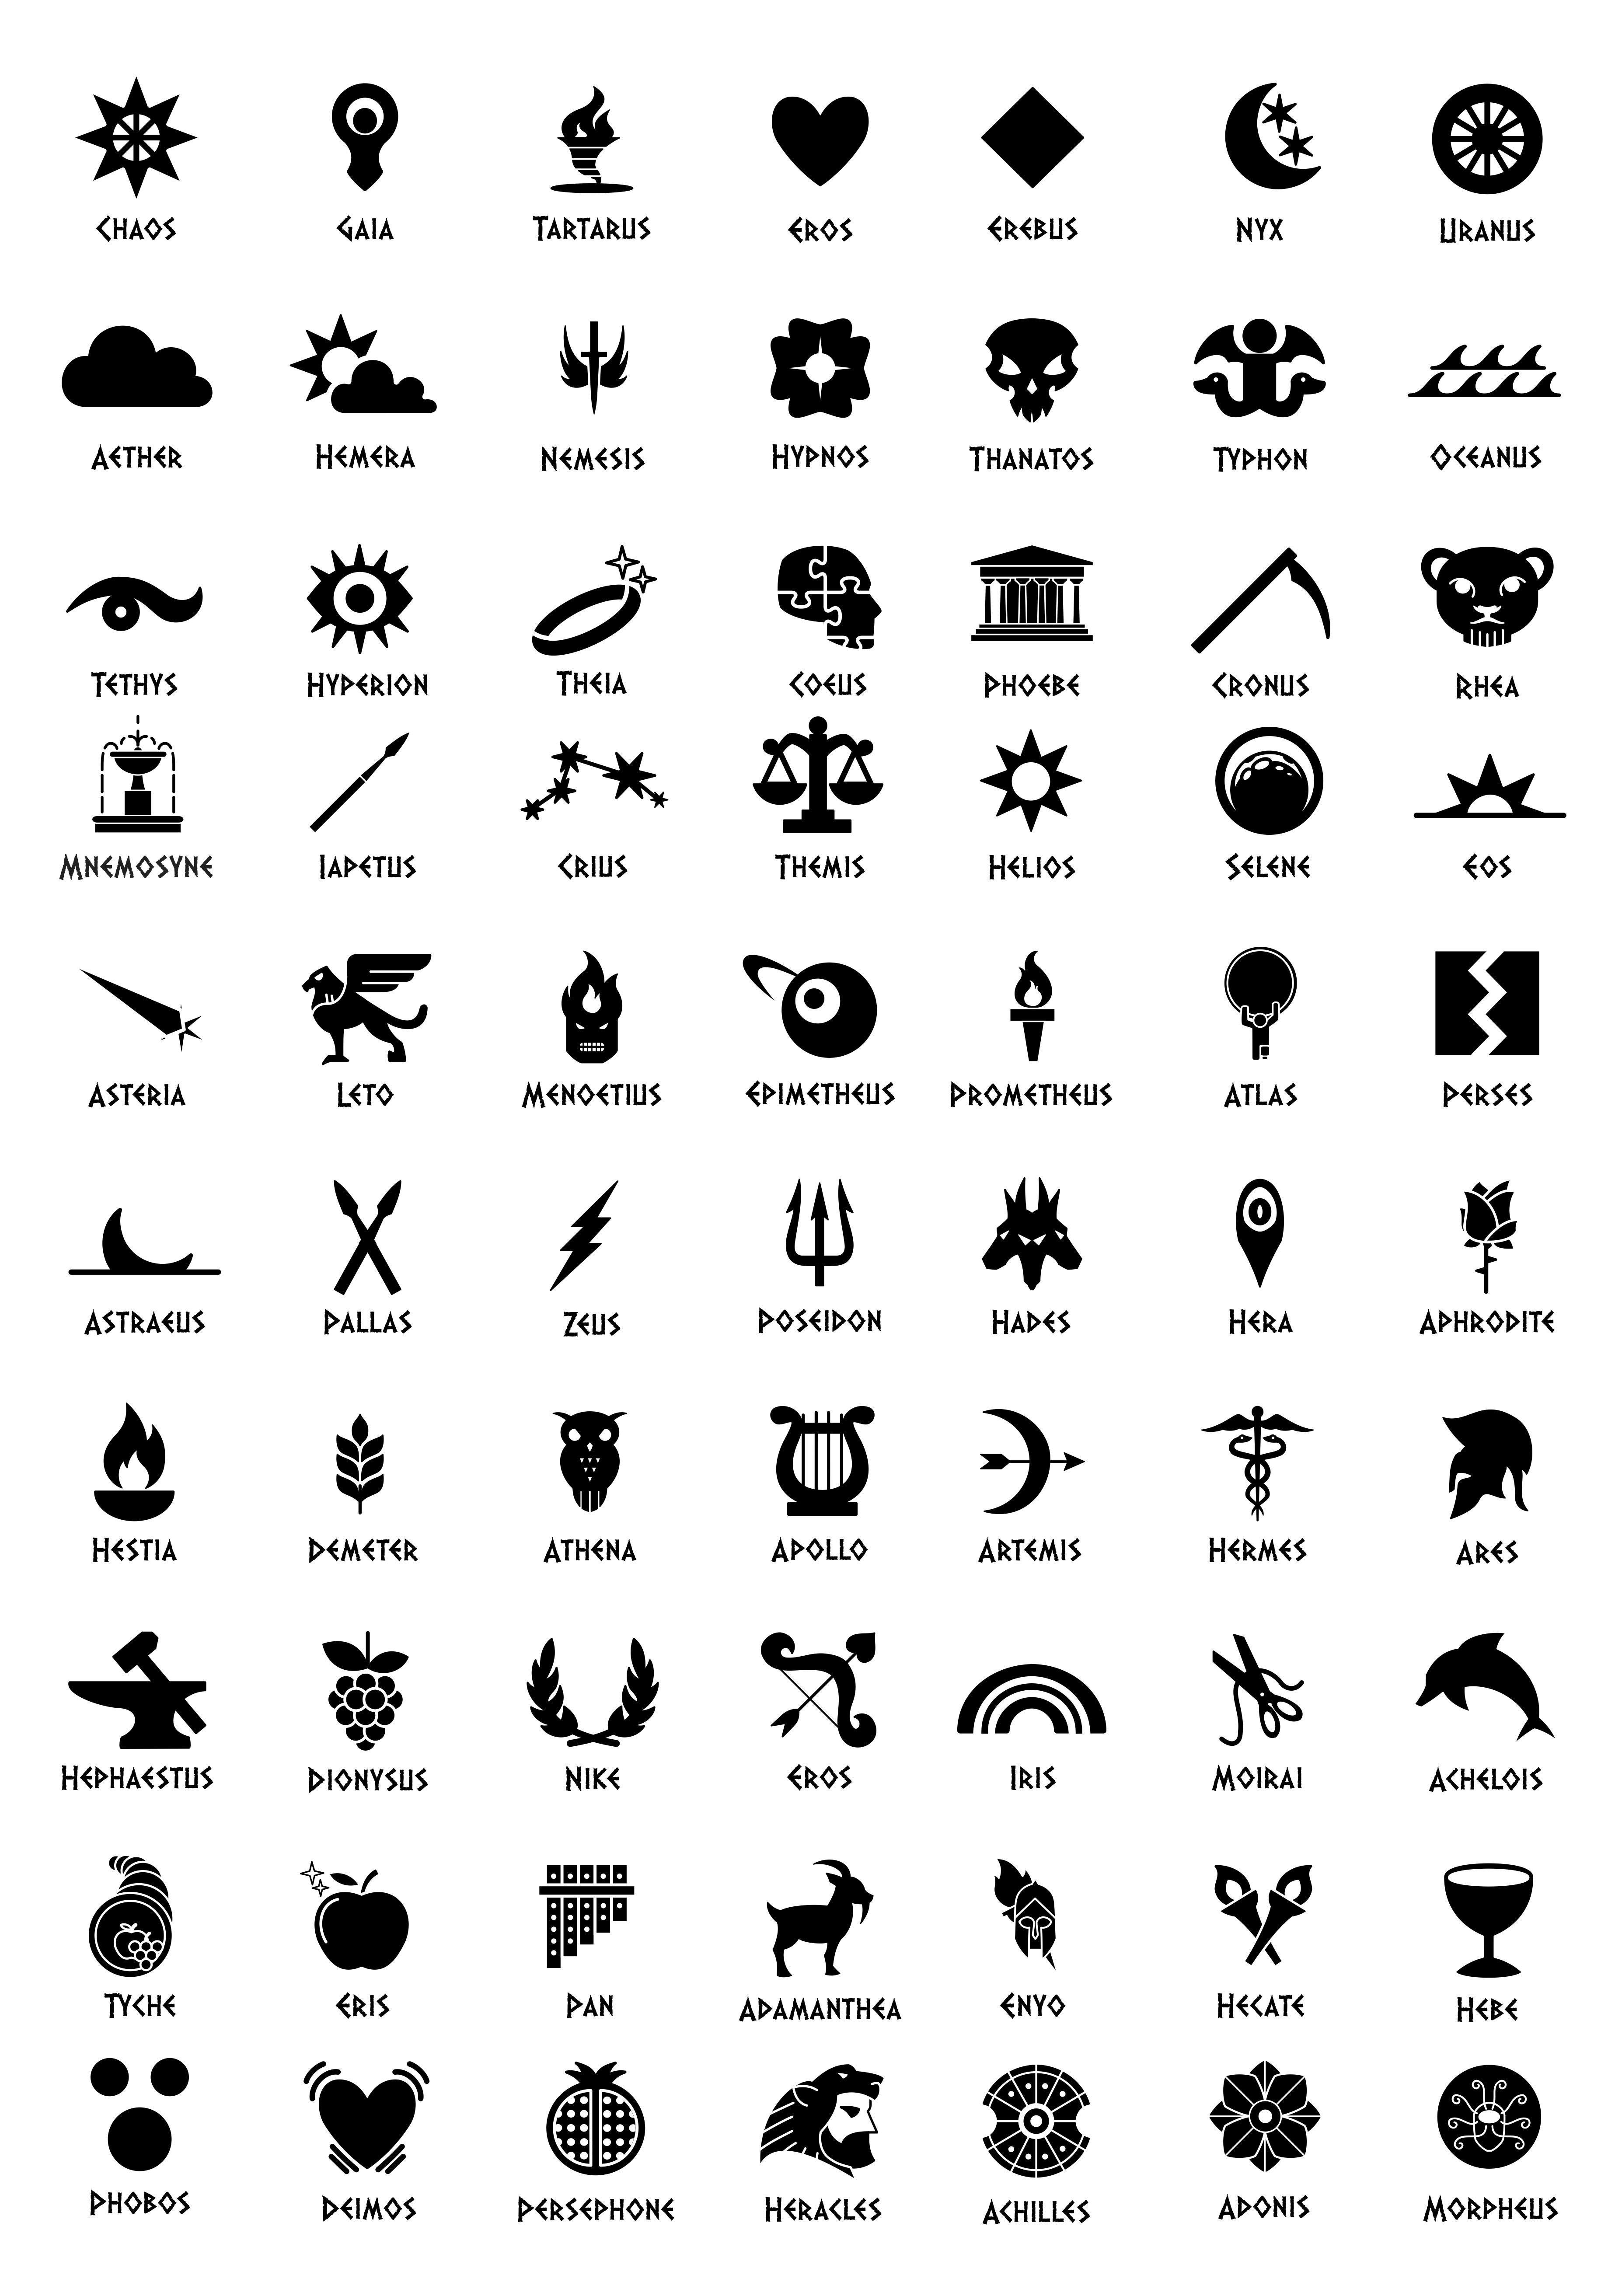 Greek Mythology Symbols Greek Mythology Tattoos Mythology Tattoos Greek Mythology